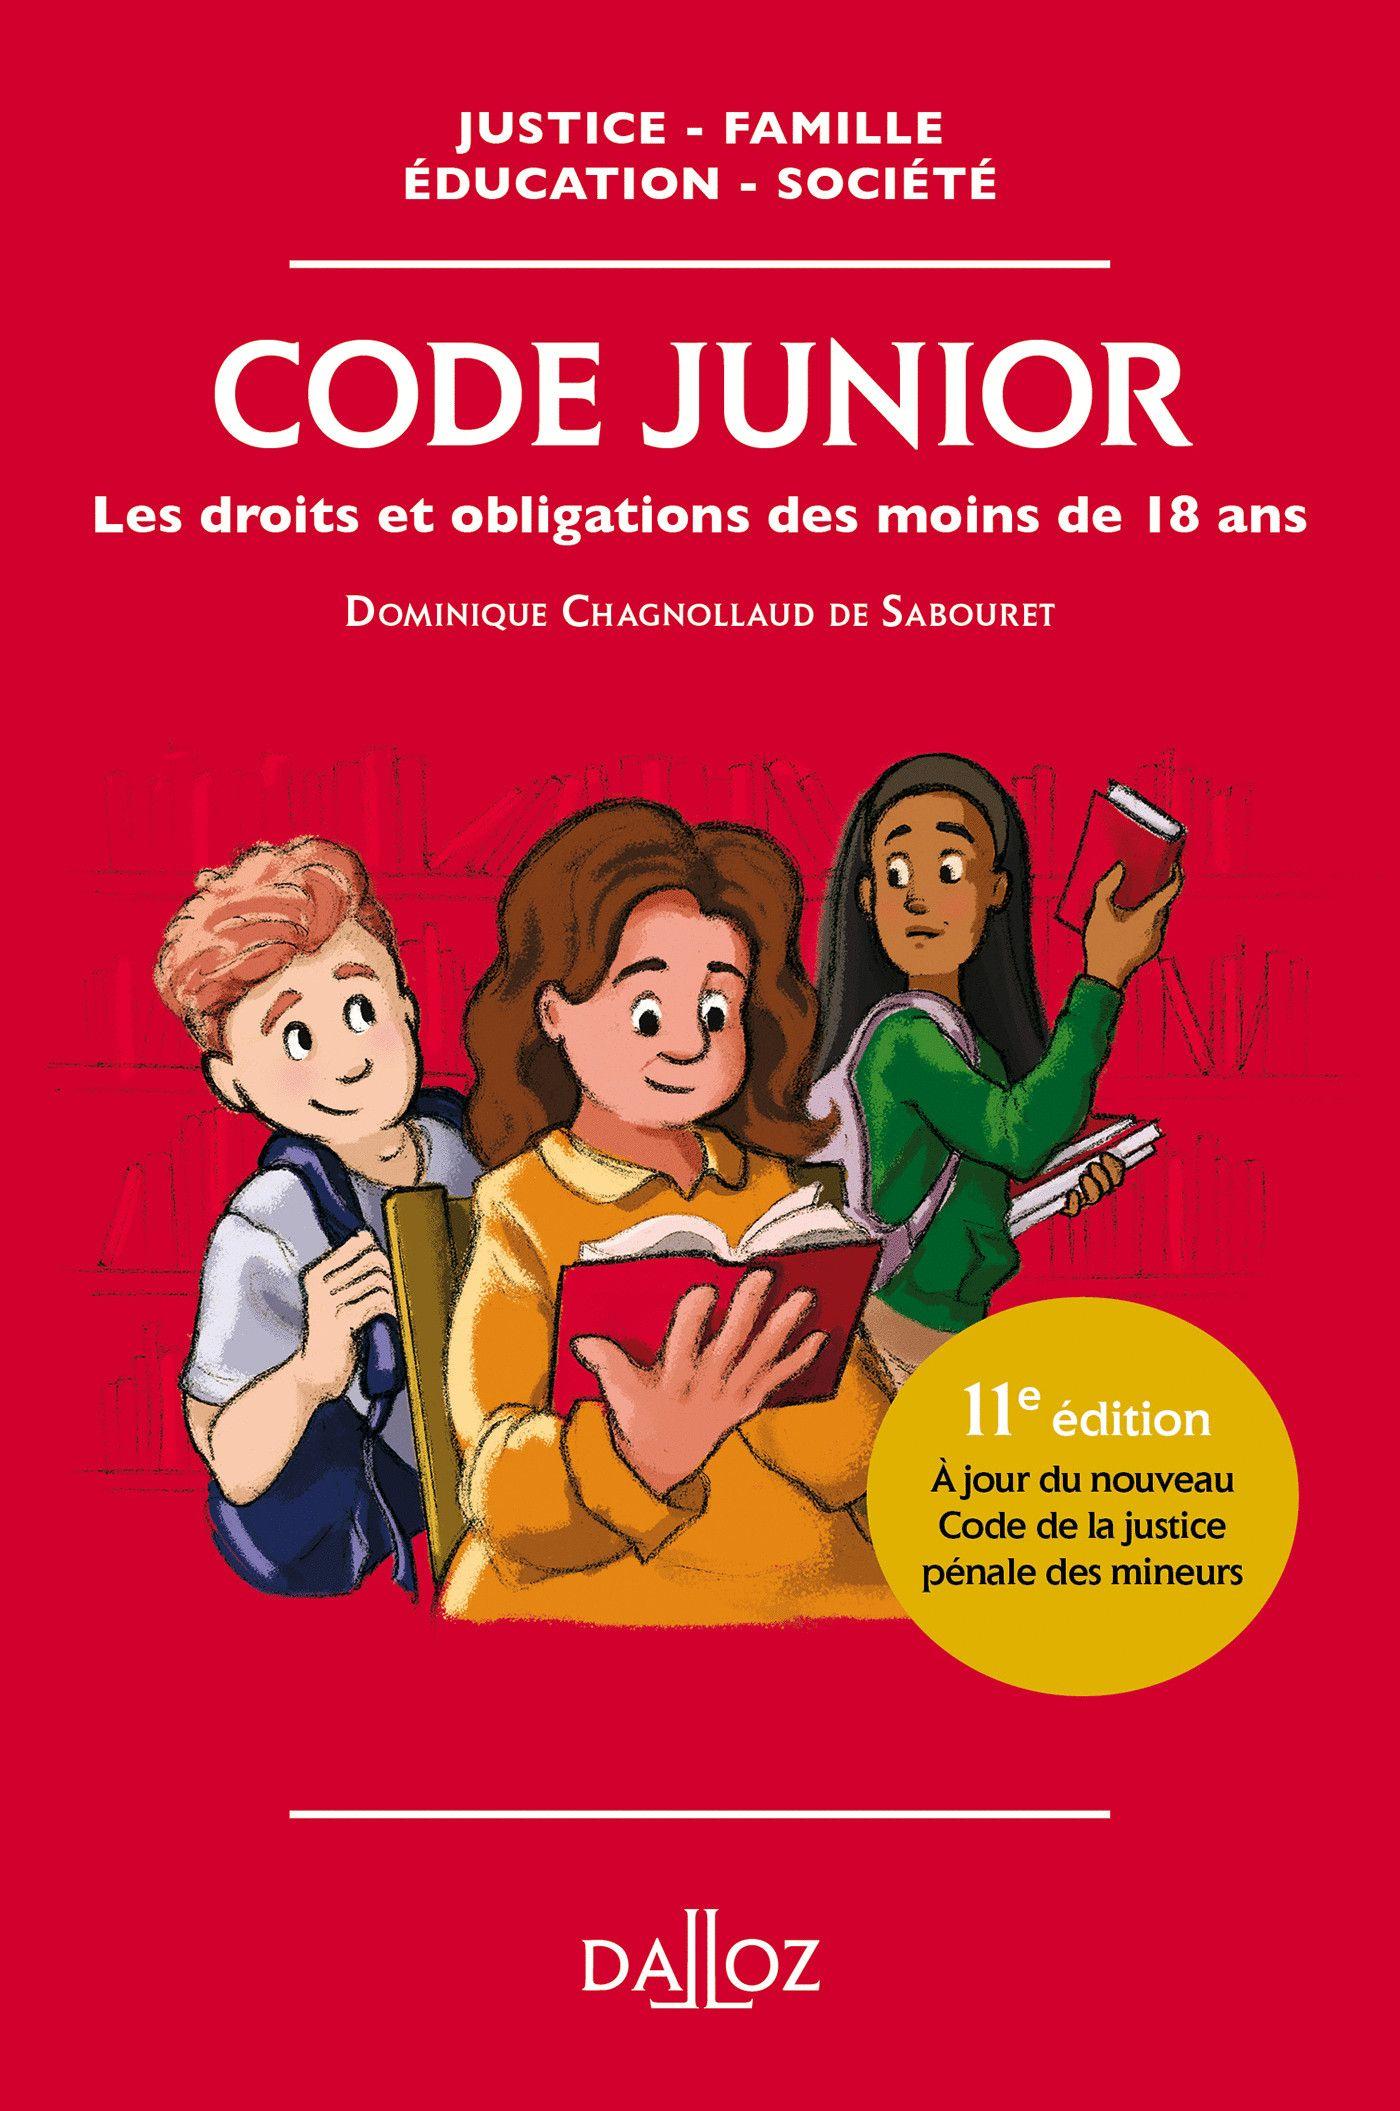 Code junior - Les droits et obligations des moins de 18 ans